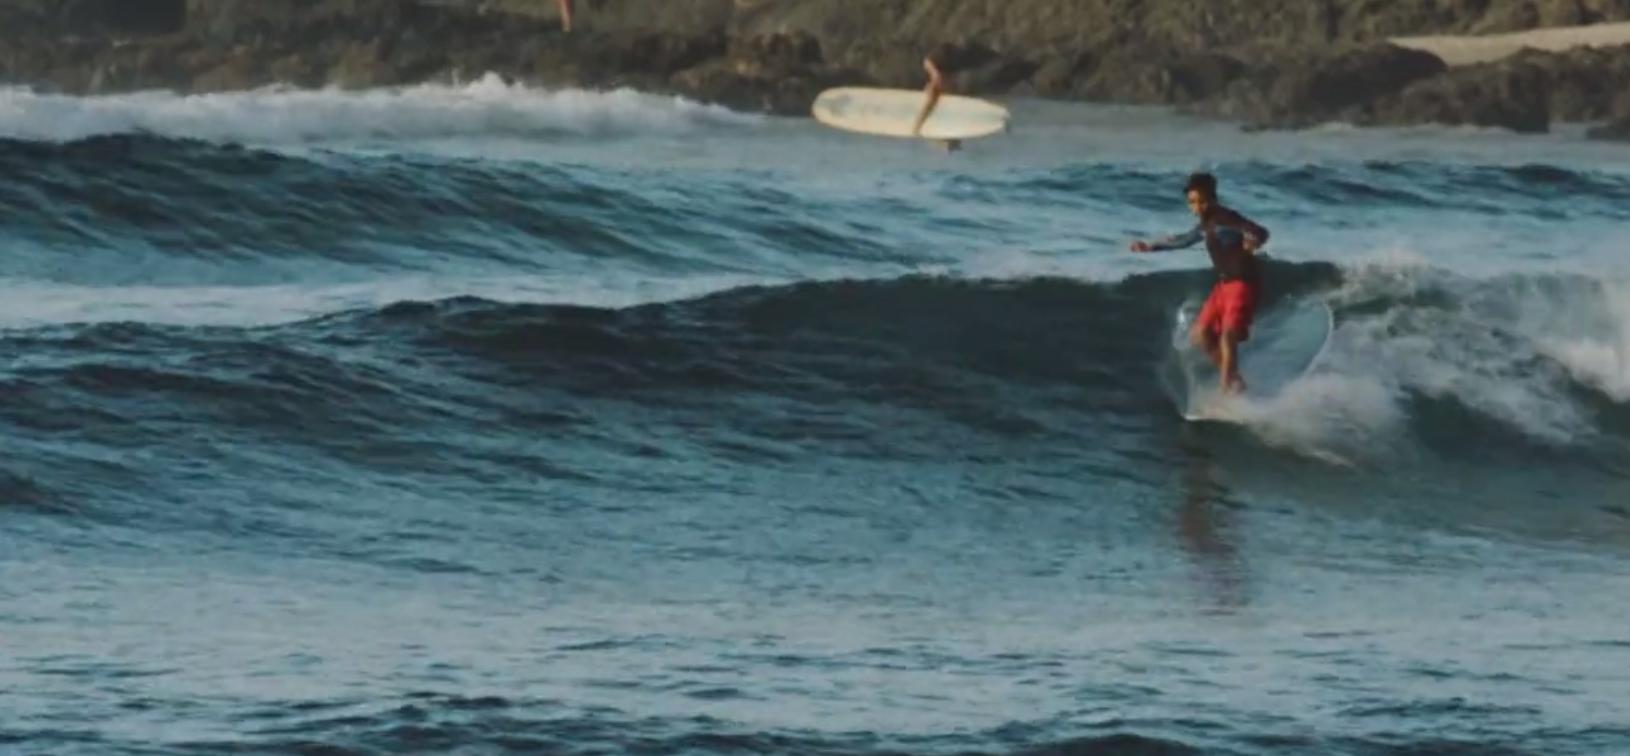 Lernt Bernie Prendergast kennen einen 14-jährigen Surfer aus Byron Bay